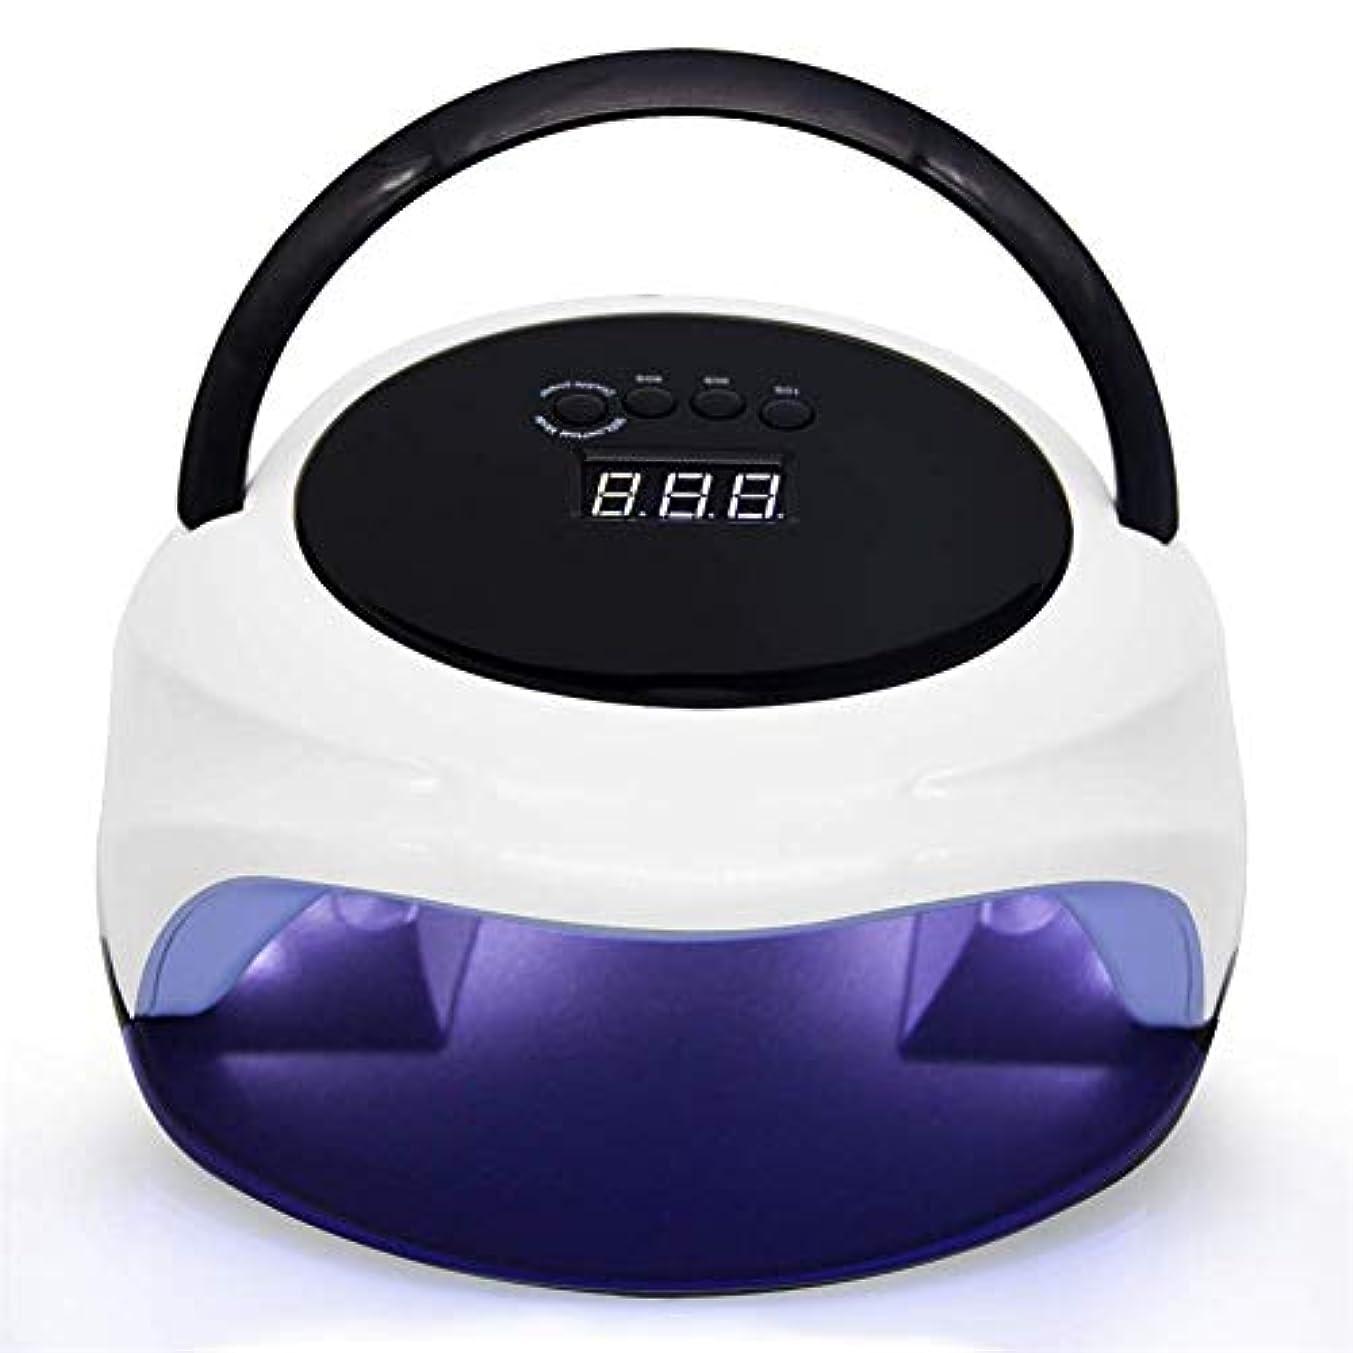 LED UVネイルランプデュアルモードネイルドライヤー用ジェル/CND Shellacネイルランプハンドルと取り外し可能な底板